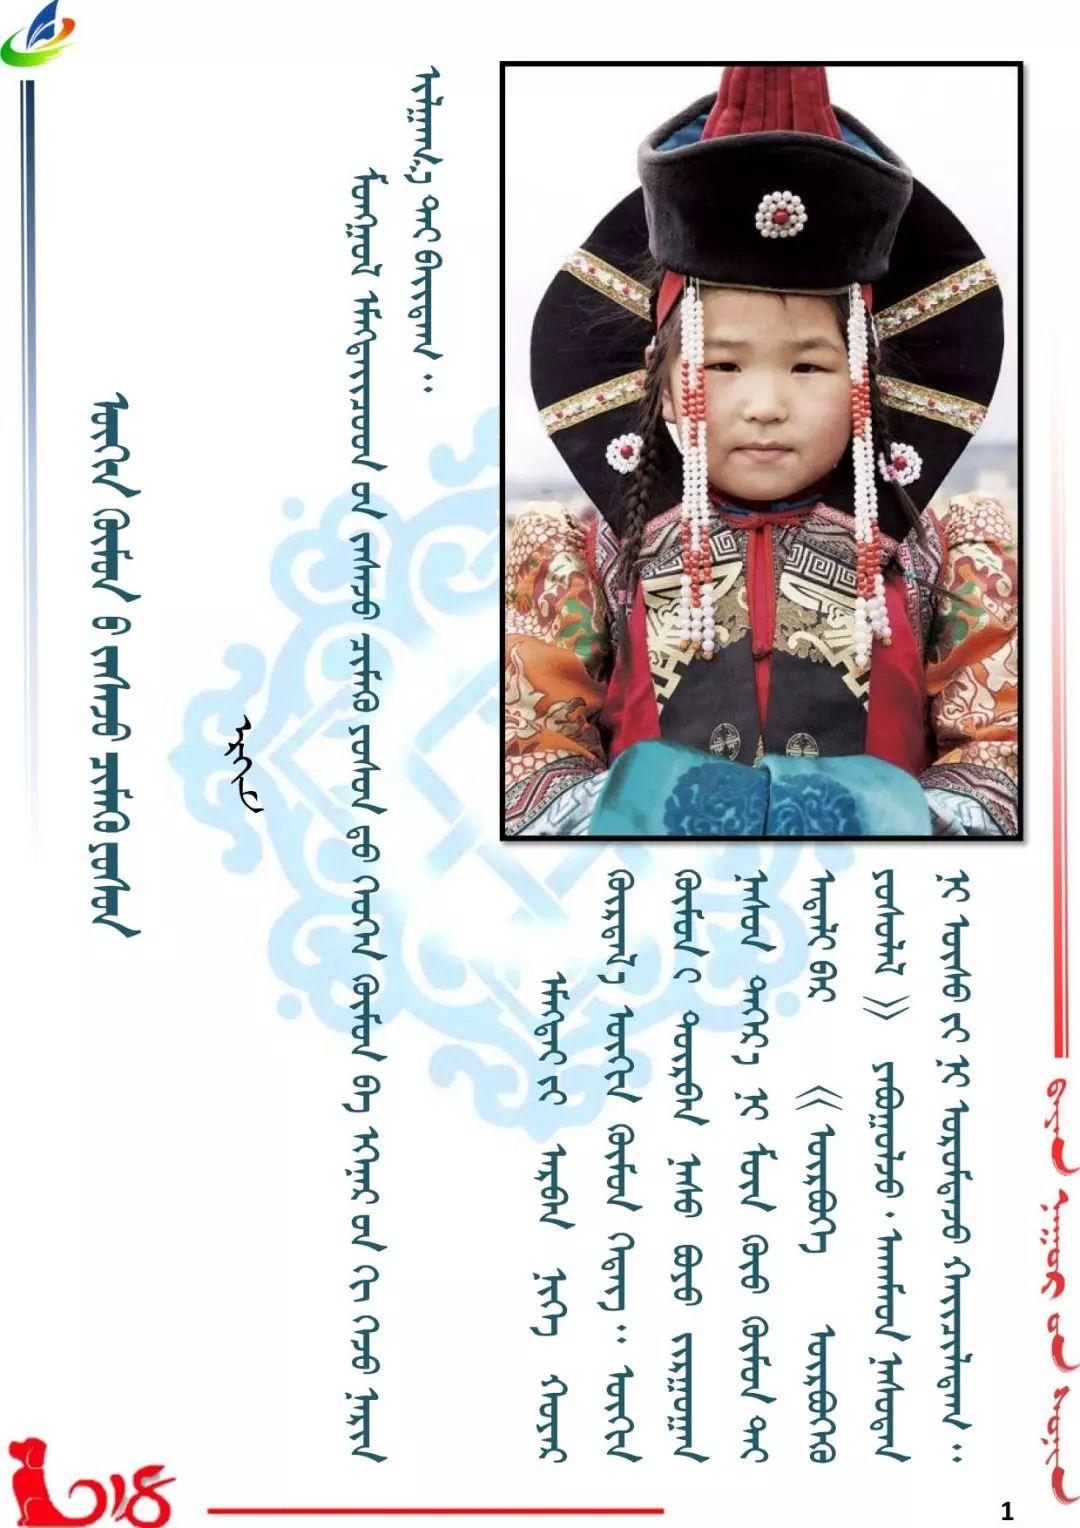 【民俗】蒙古族小女孩的装饰习俗 第1张